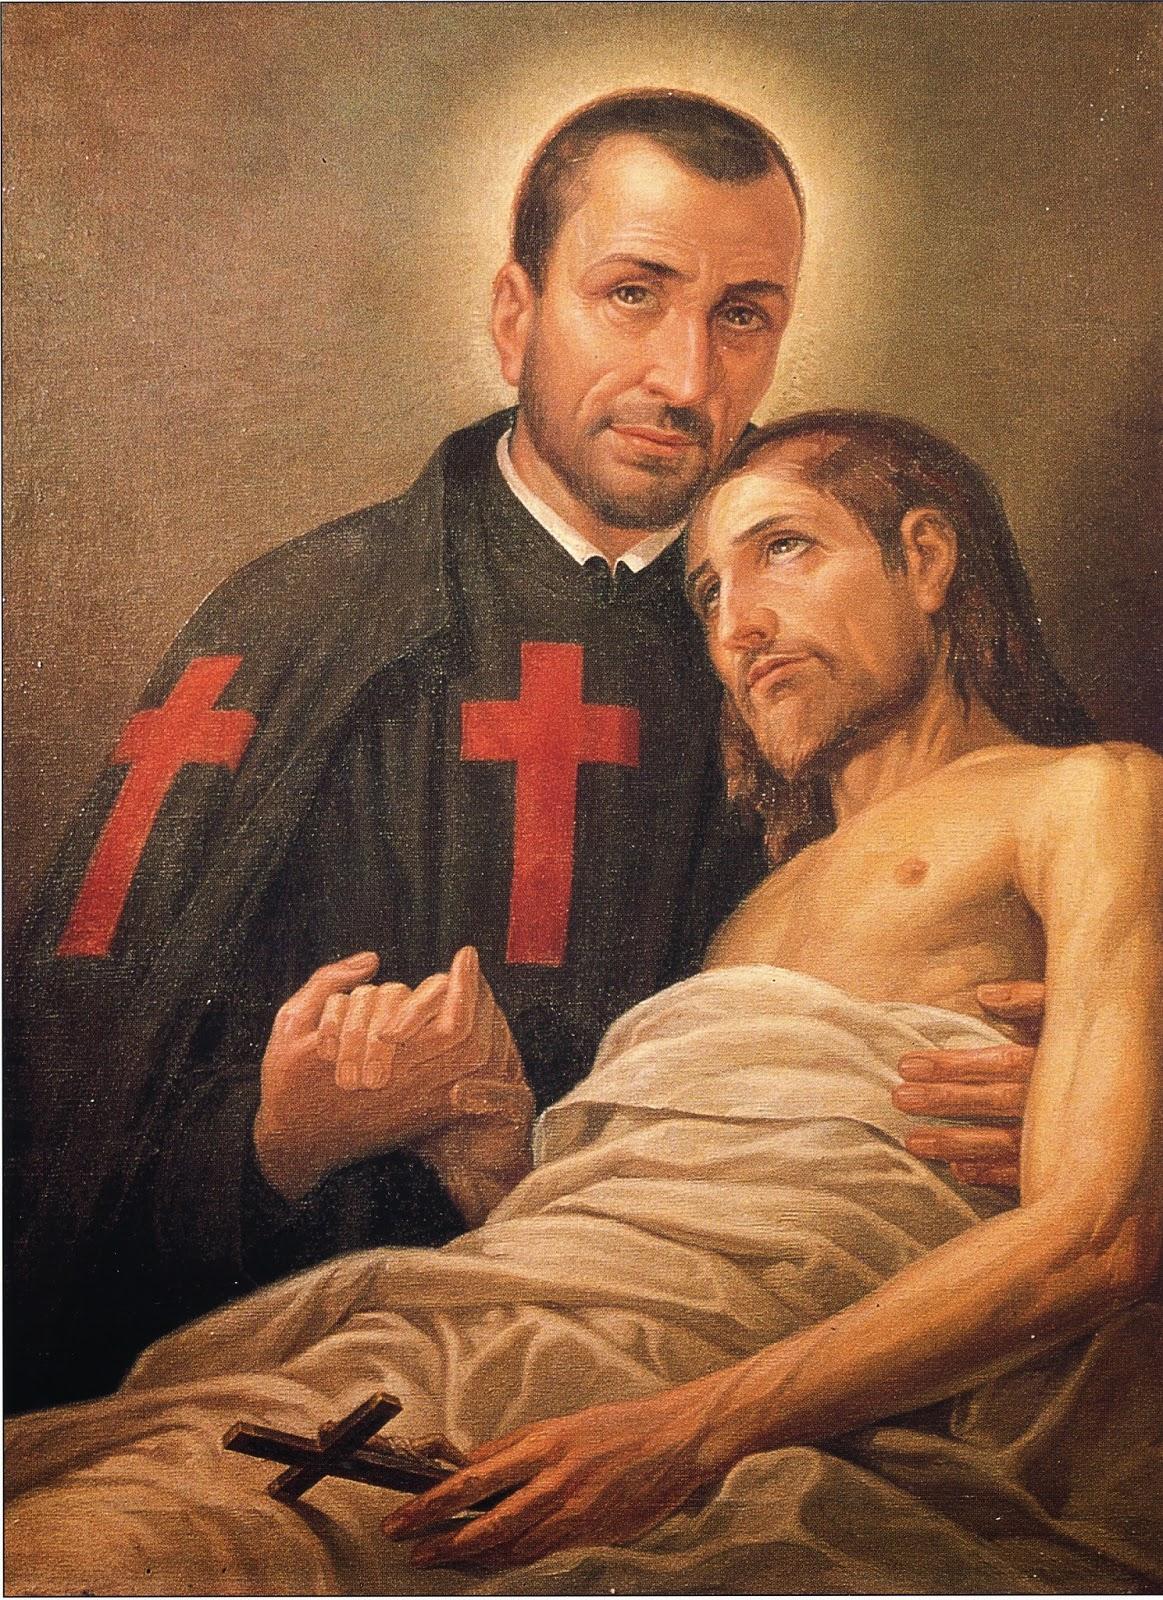 Heiliger Kamillus von Lellis, Schutzpatron der Kranken, Sterbenden, Krankenpfleger und Krankenhäuser